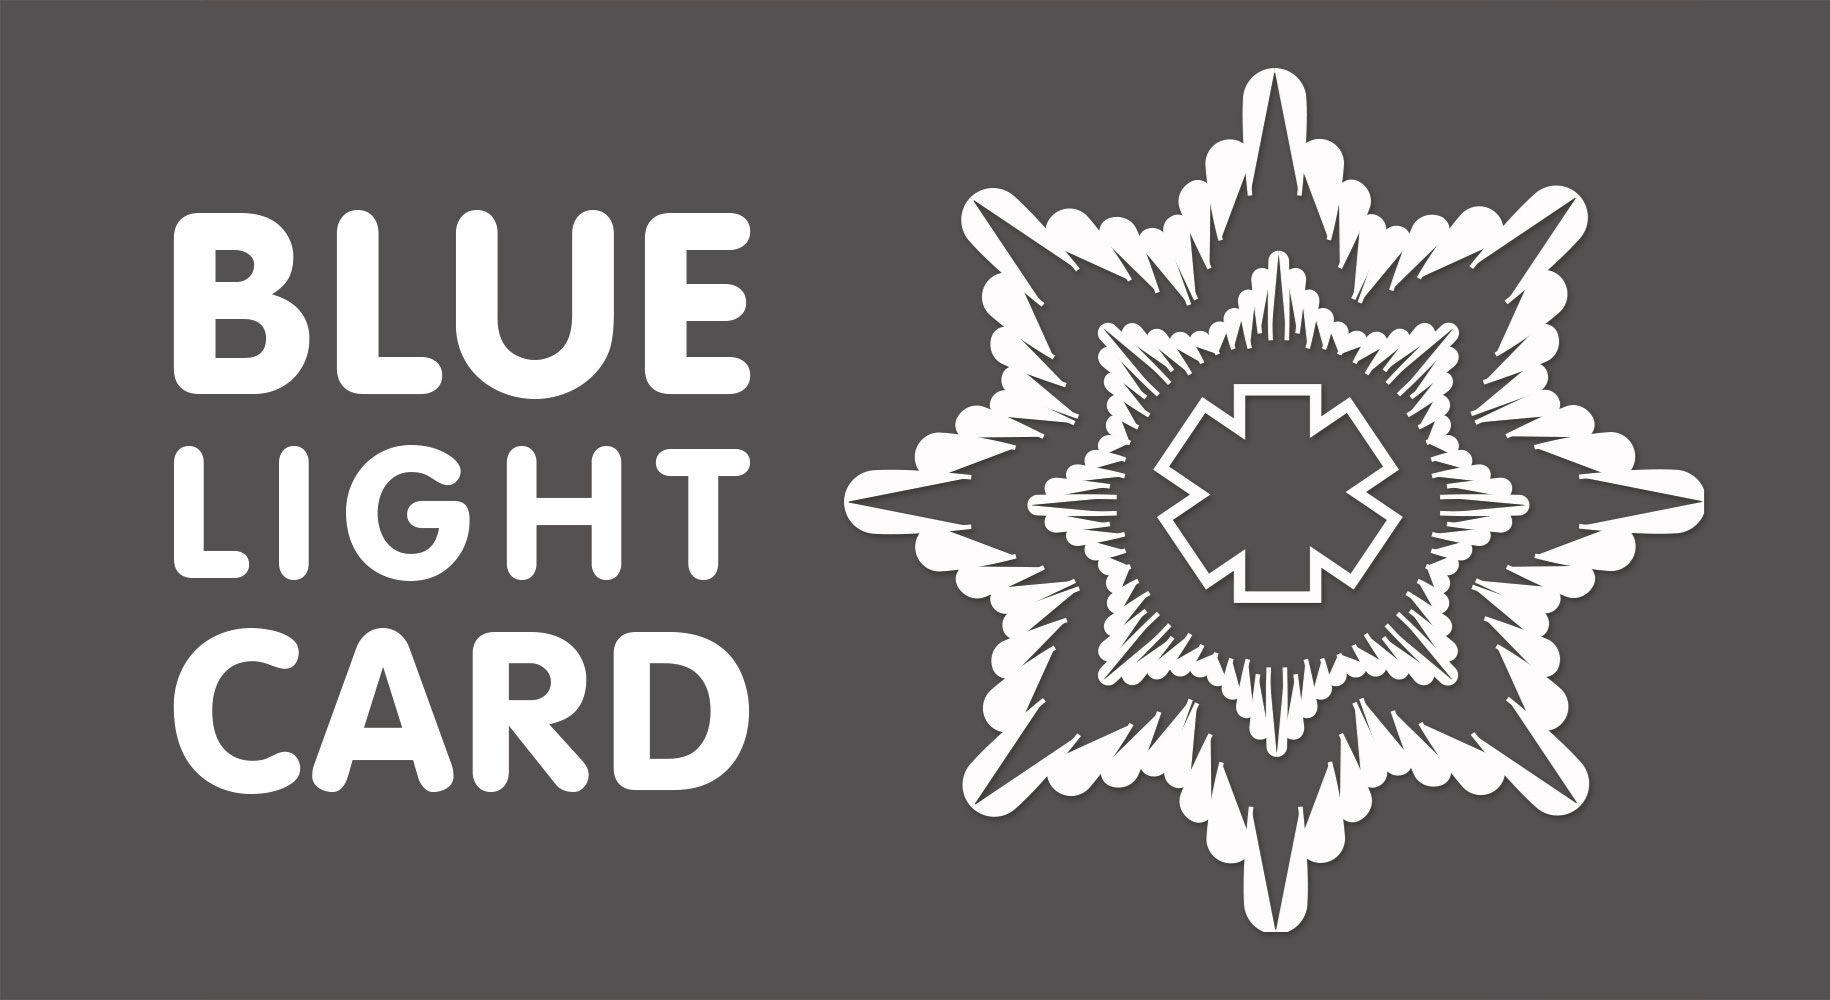 Blue Light Card